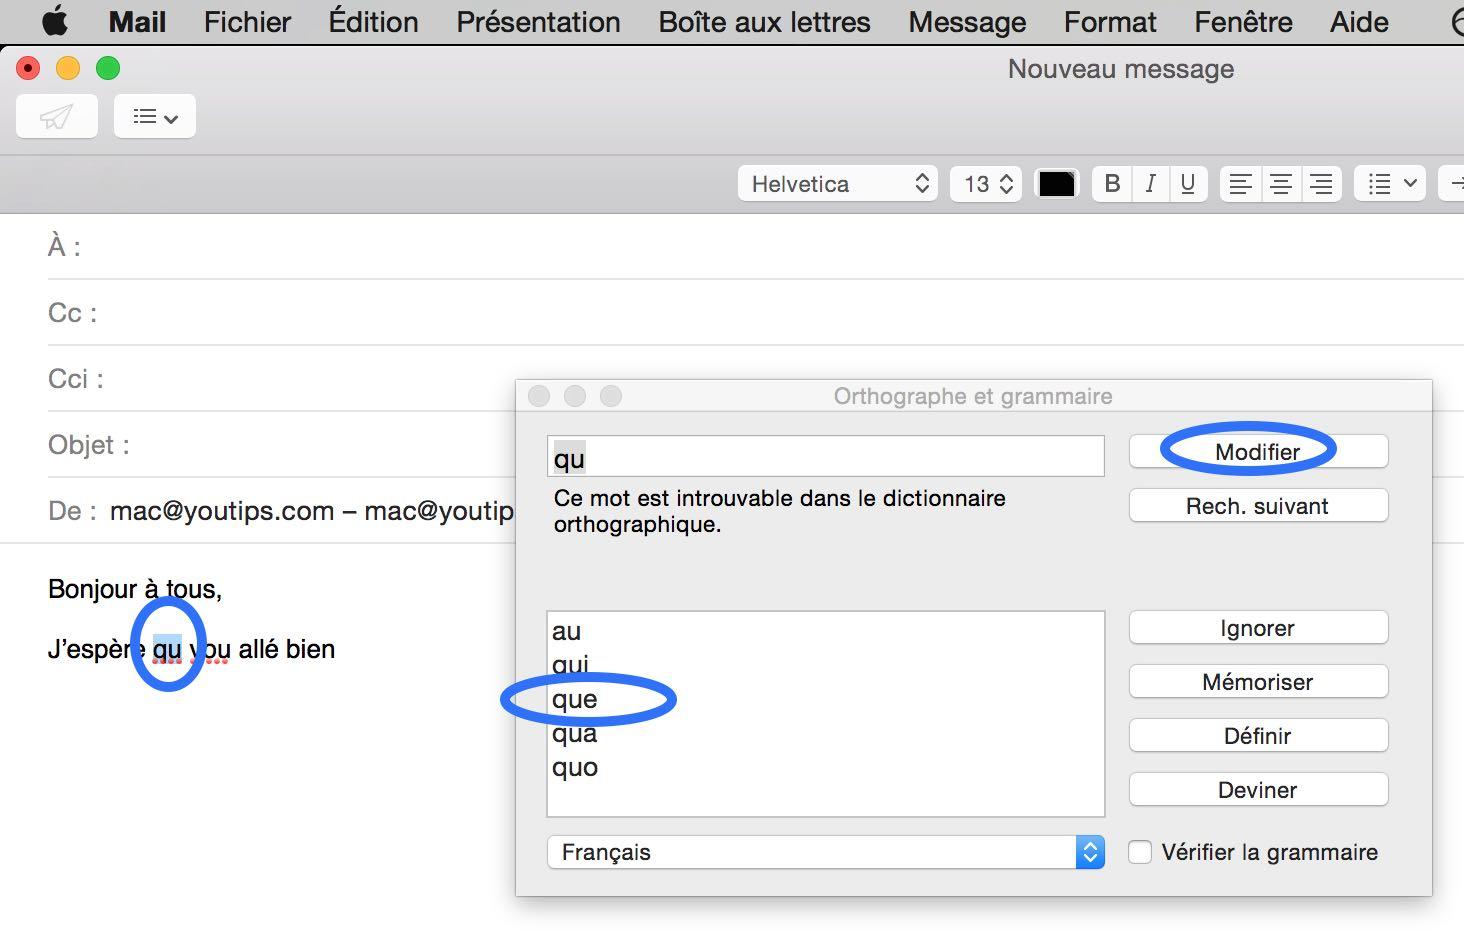 Raccourci clavier Mac pour corriger l'orthographe de vos mails4